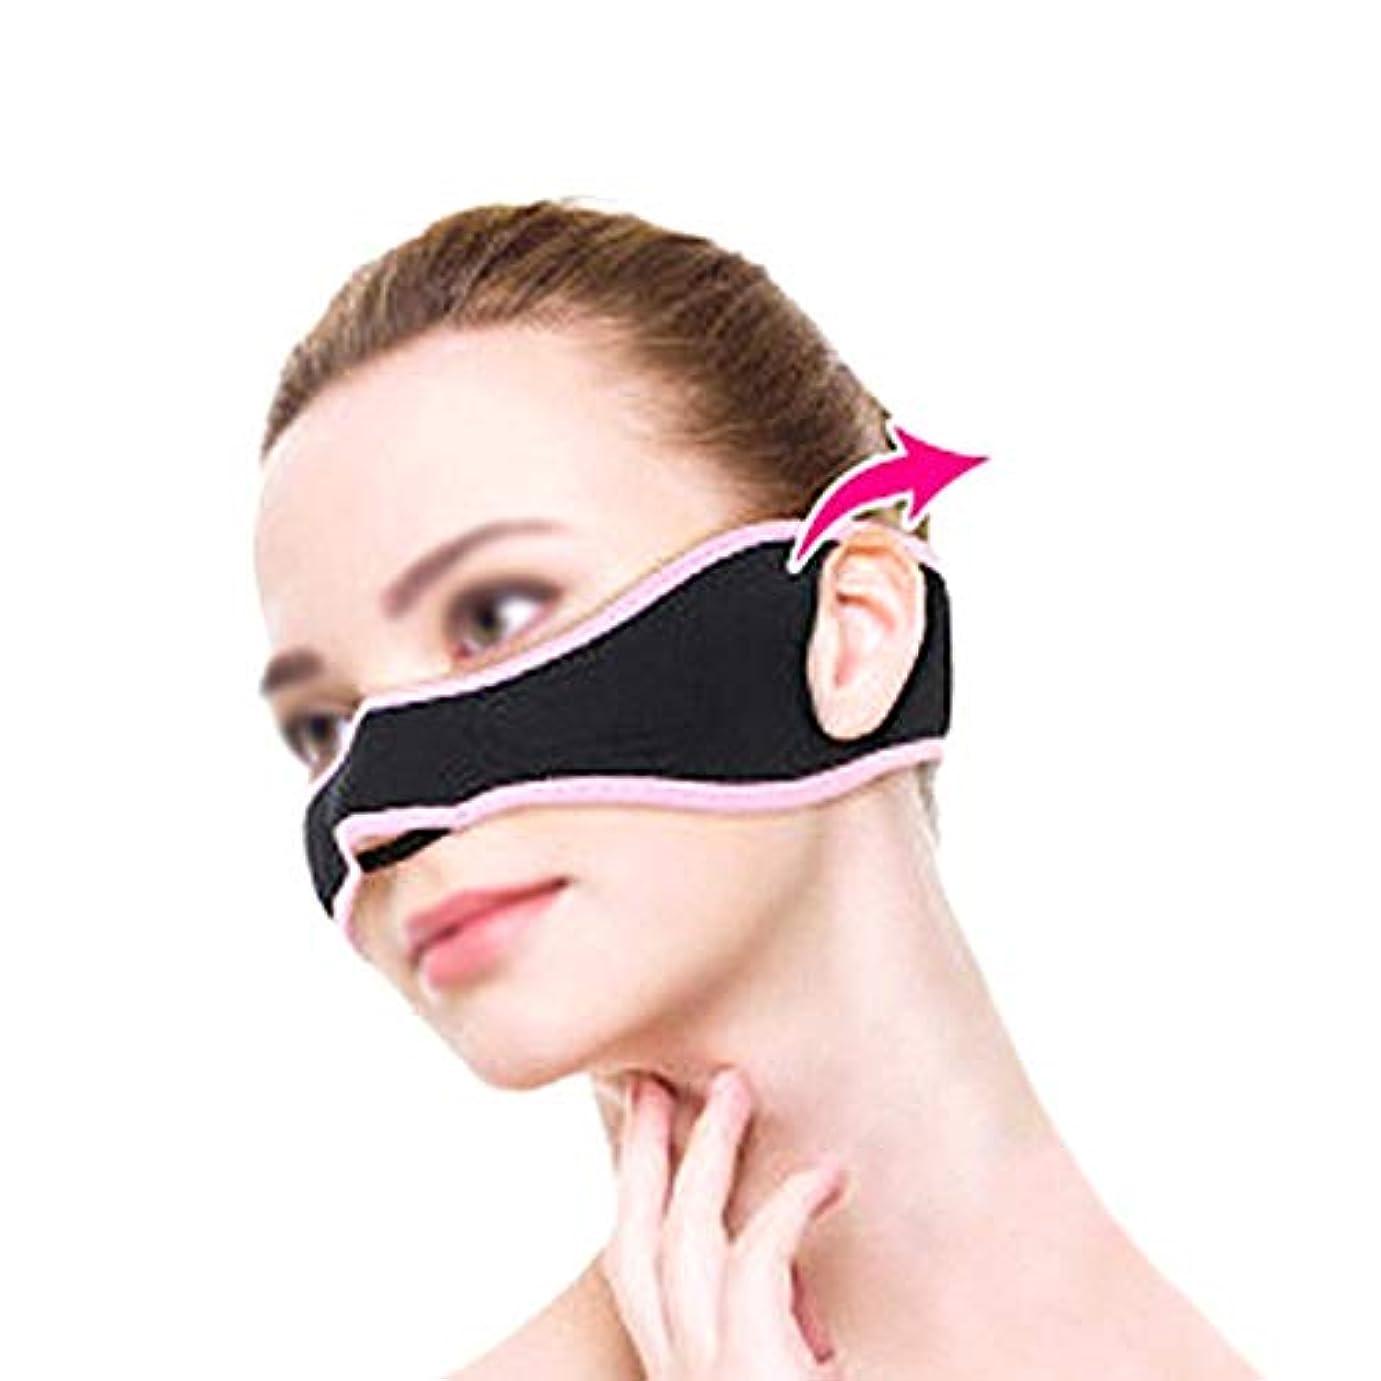 機関休暇マンハッタンXHLMRMJ フェイスリフティングマスク、チークリフトアップマスク、薄くて薄い顔、顔の筋肉を引き締めて持ち上げ、持ち運びが簡単で、男性と女性の両方が使用できます